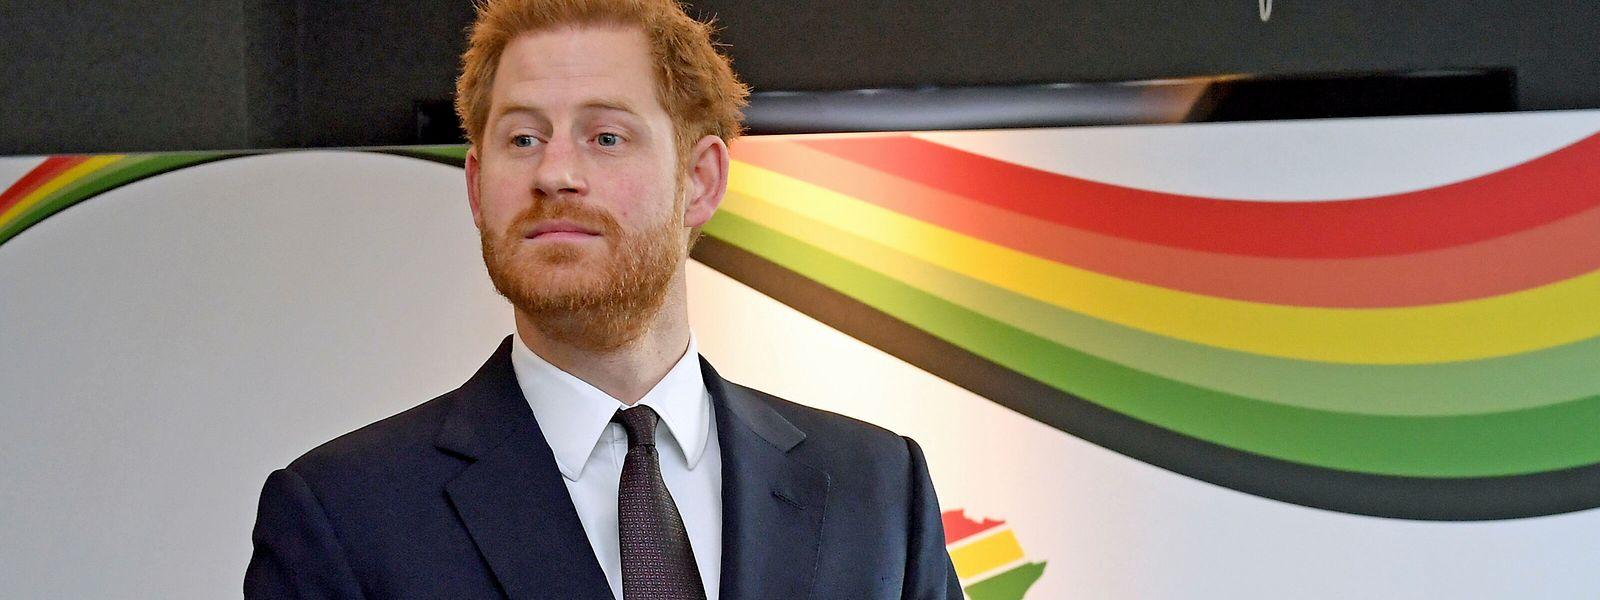 """Harry, der längere Zeit in Afrika gearbeitet hatte, veröffentlichte die Bilder zum """"Earth Day""""."""